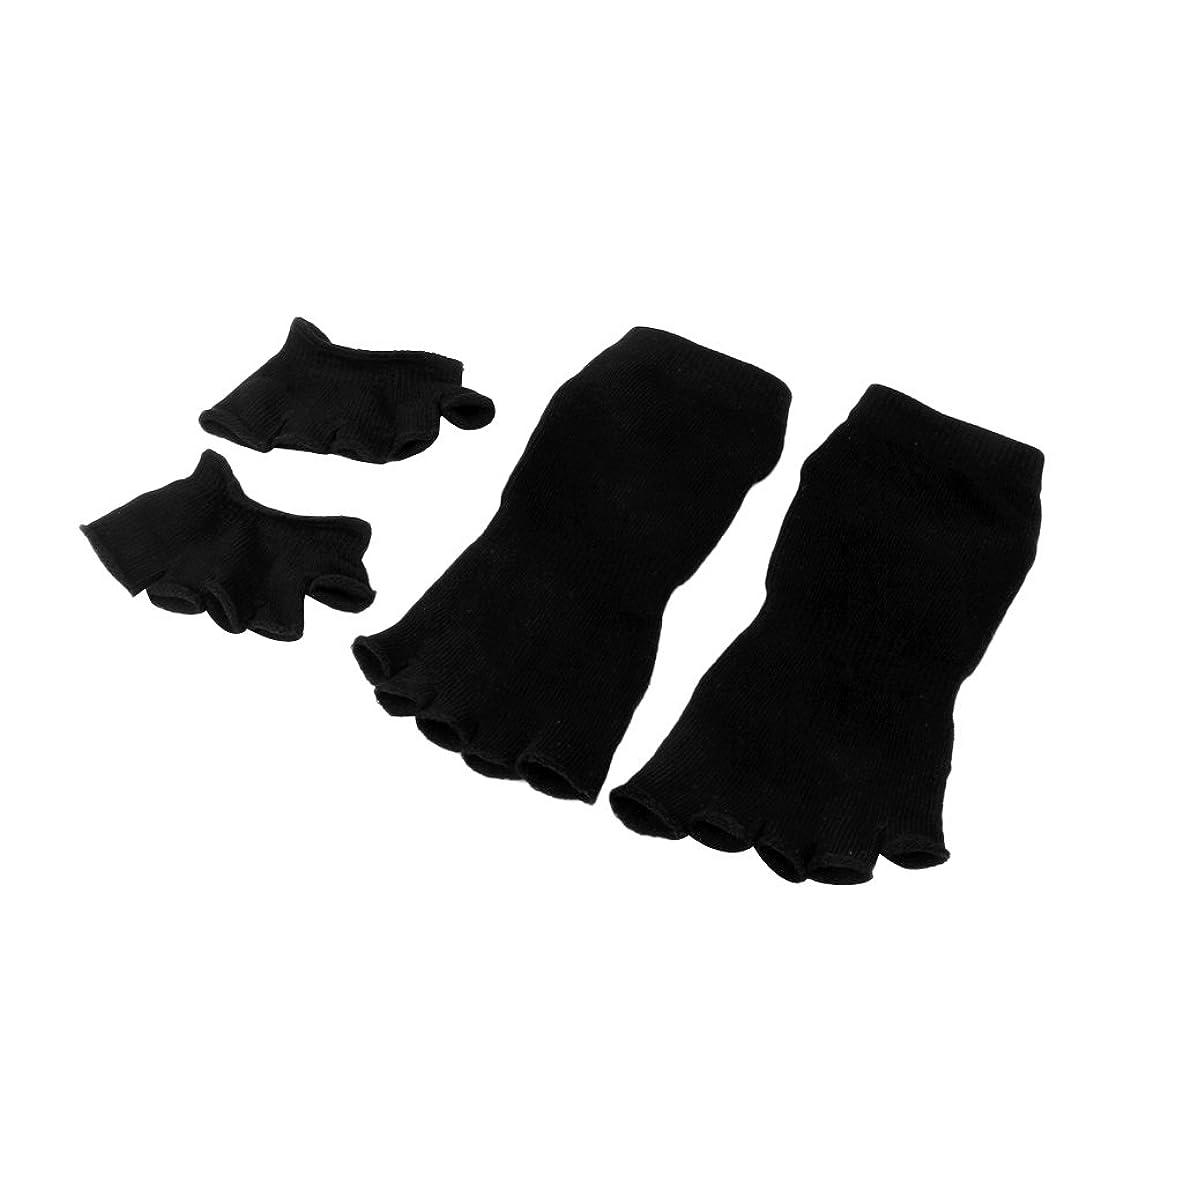 戸口イデオロギー協定【Footful】ソックス 靴下 5本指つま先ソックス+爽快指の間カバー 4枚組 黒